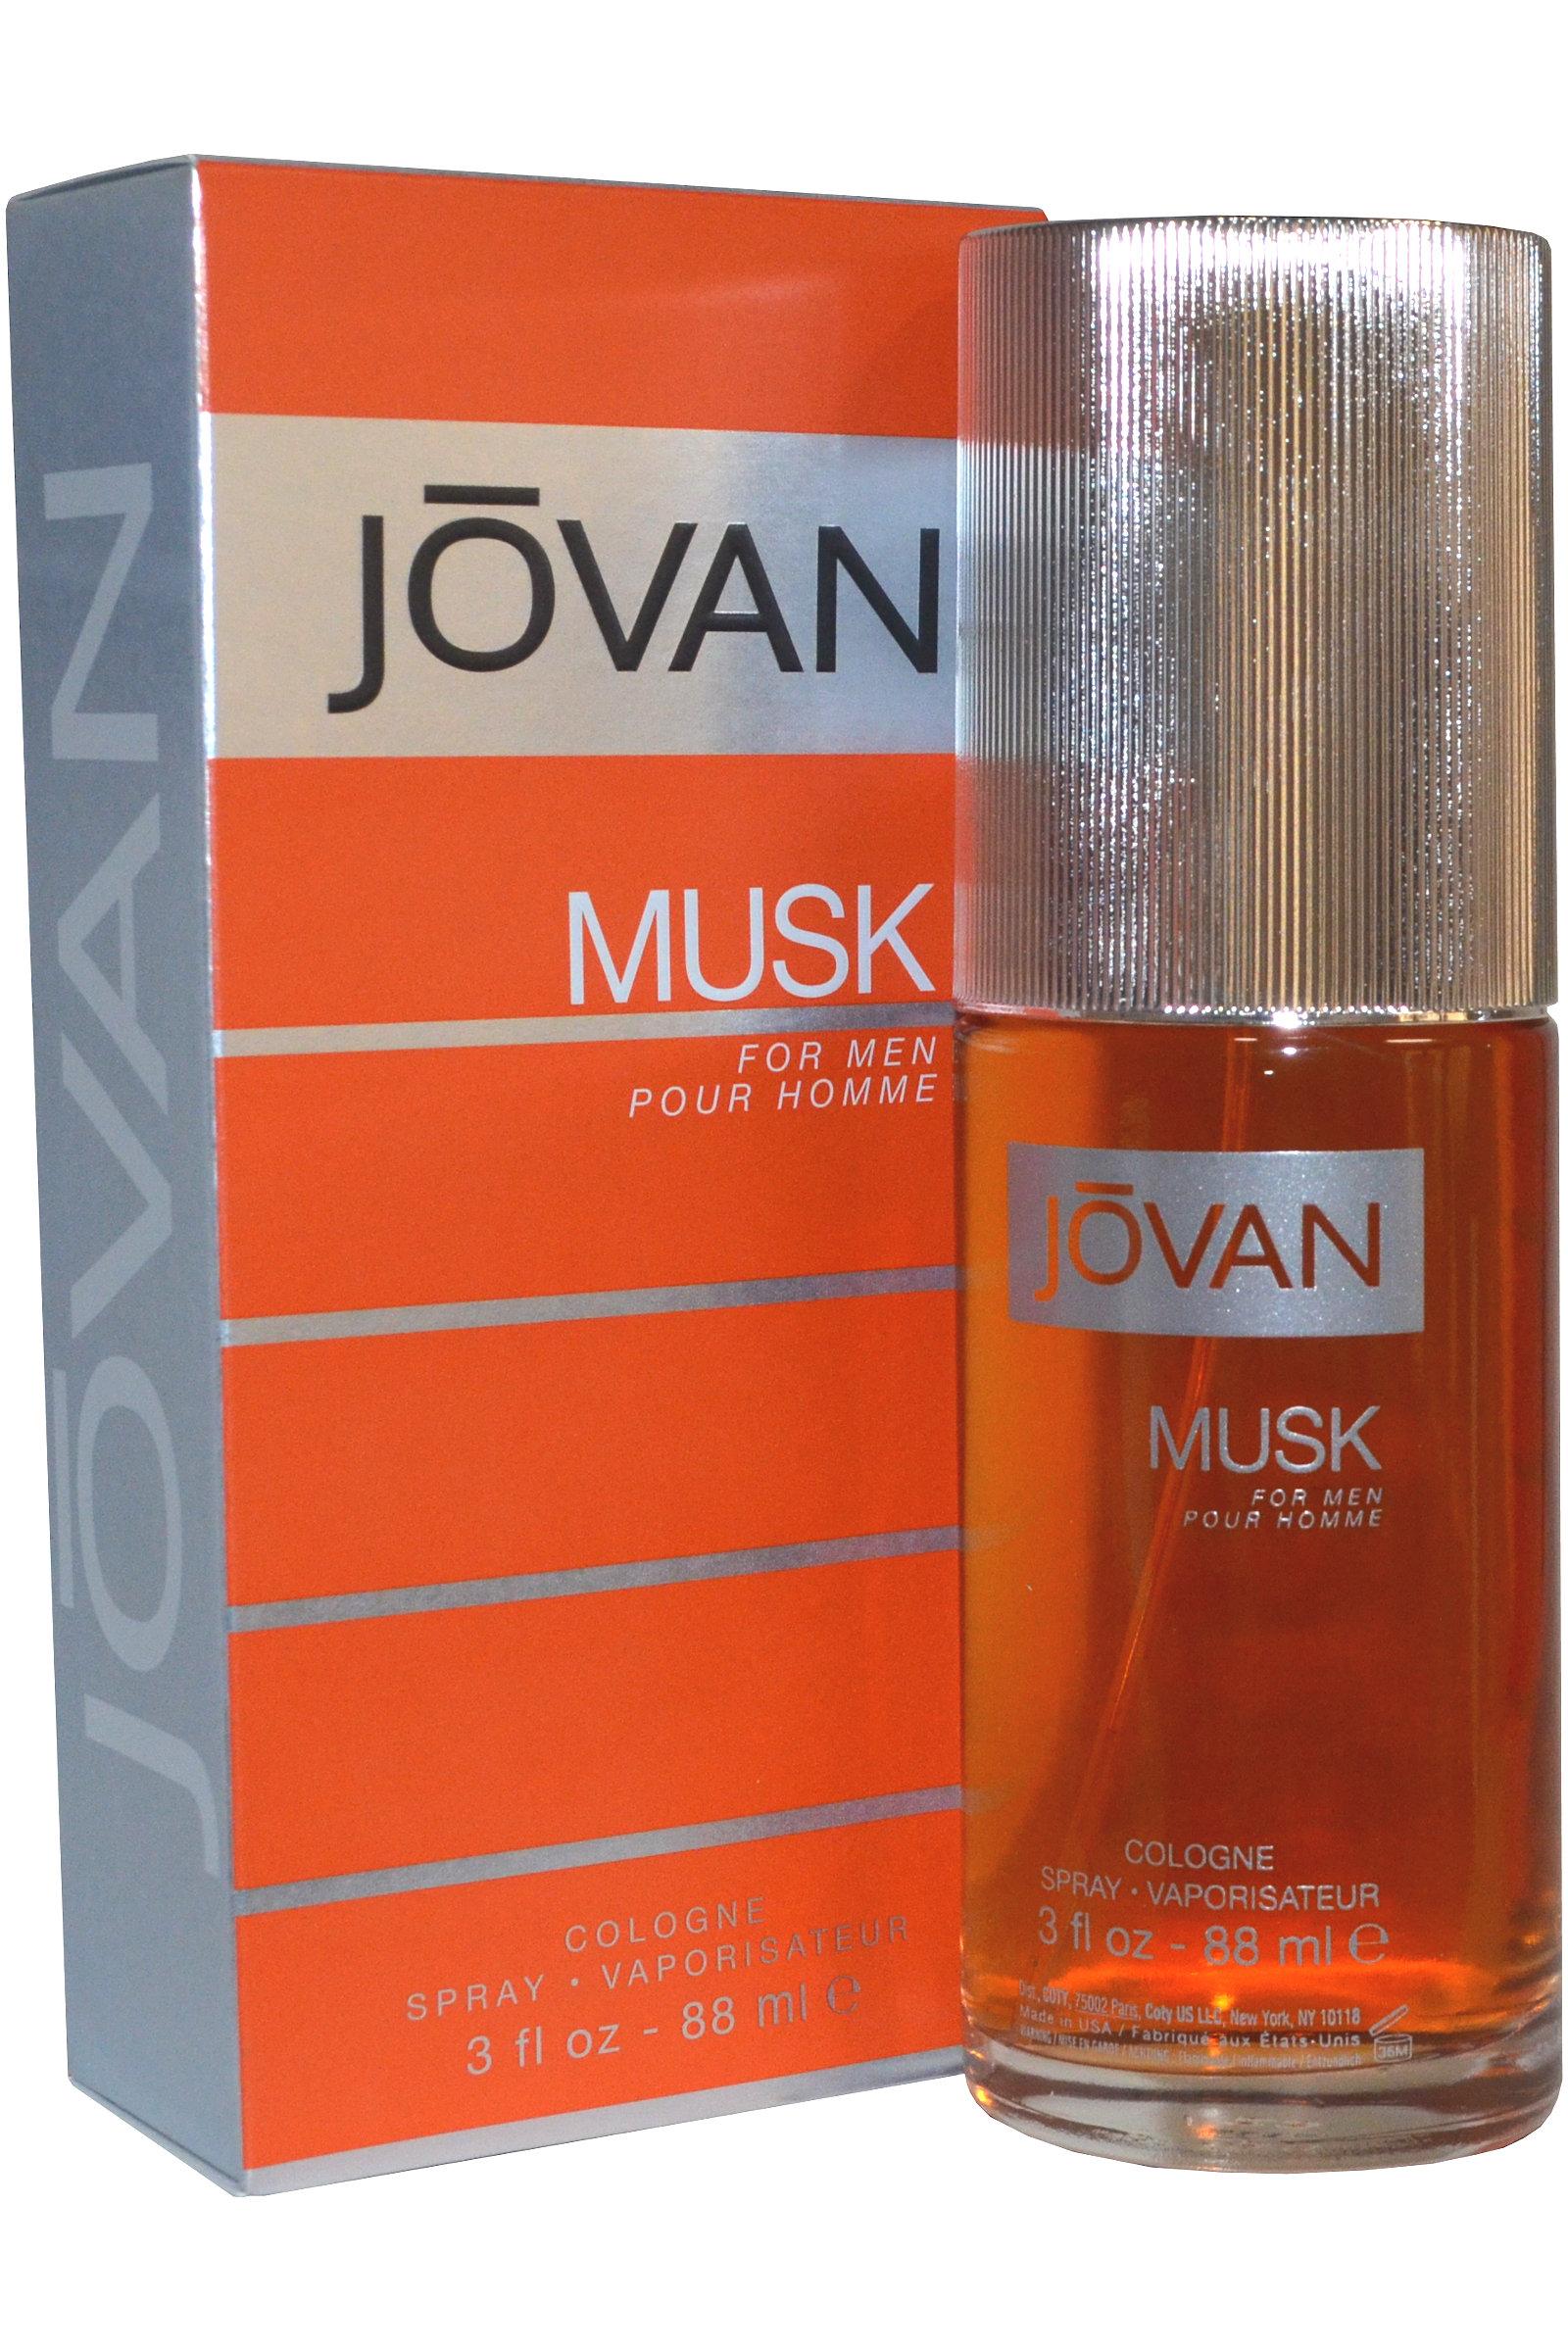 Detalles de Jovan Musk Para Hombres Colonia Spray 88ml Para Hombre Fragancia ver título original